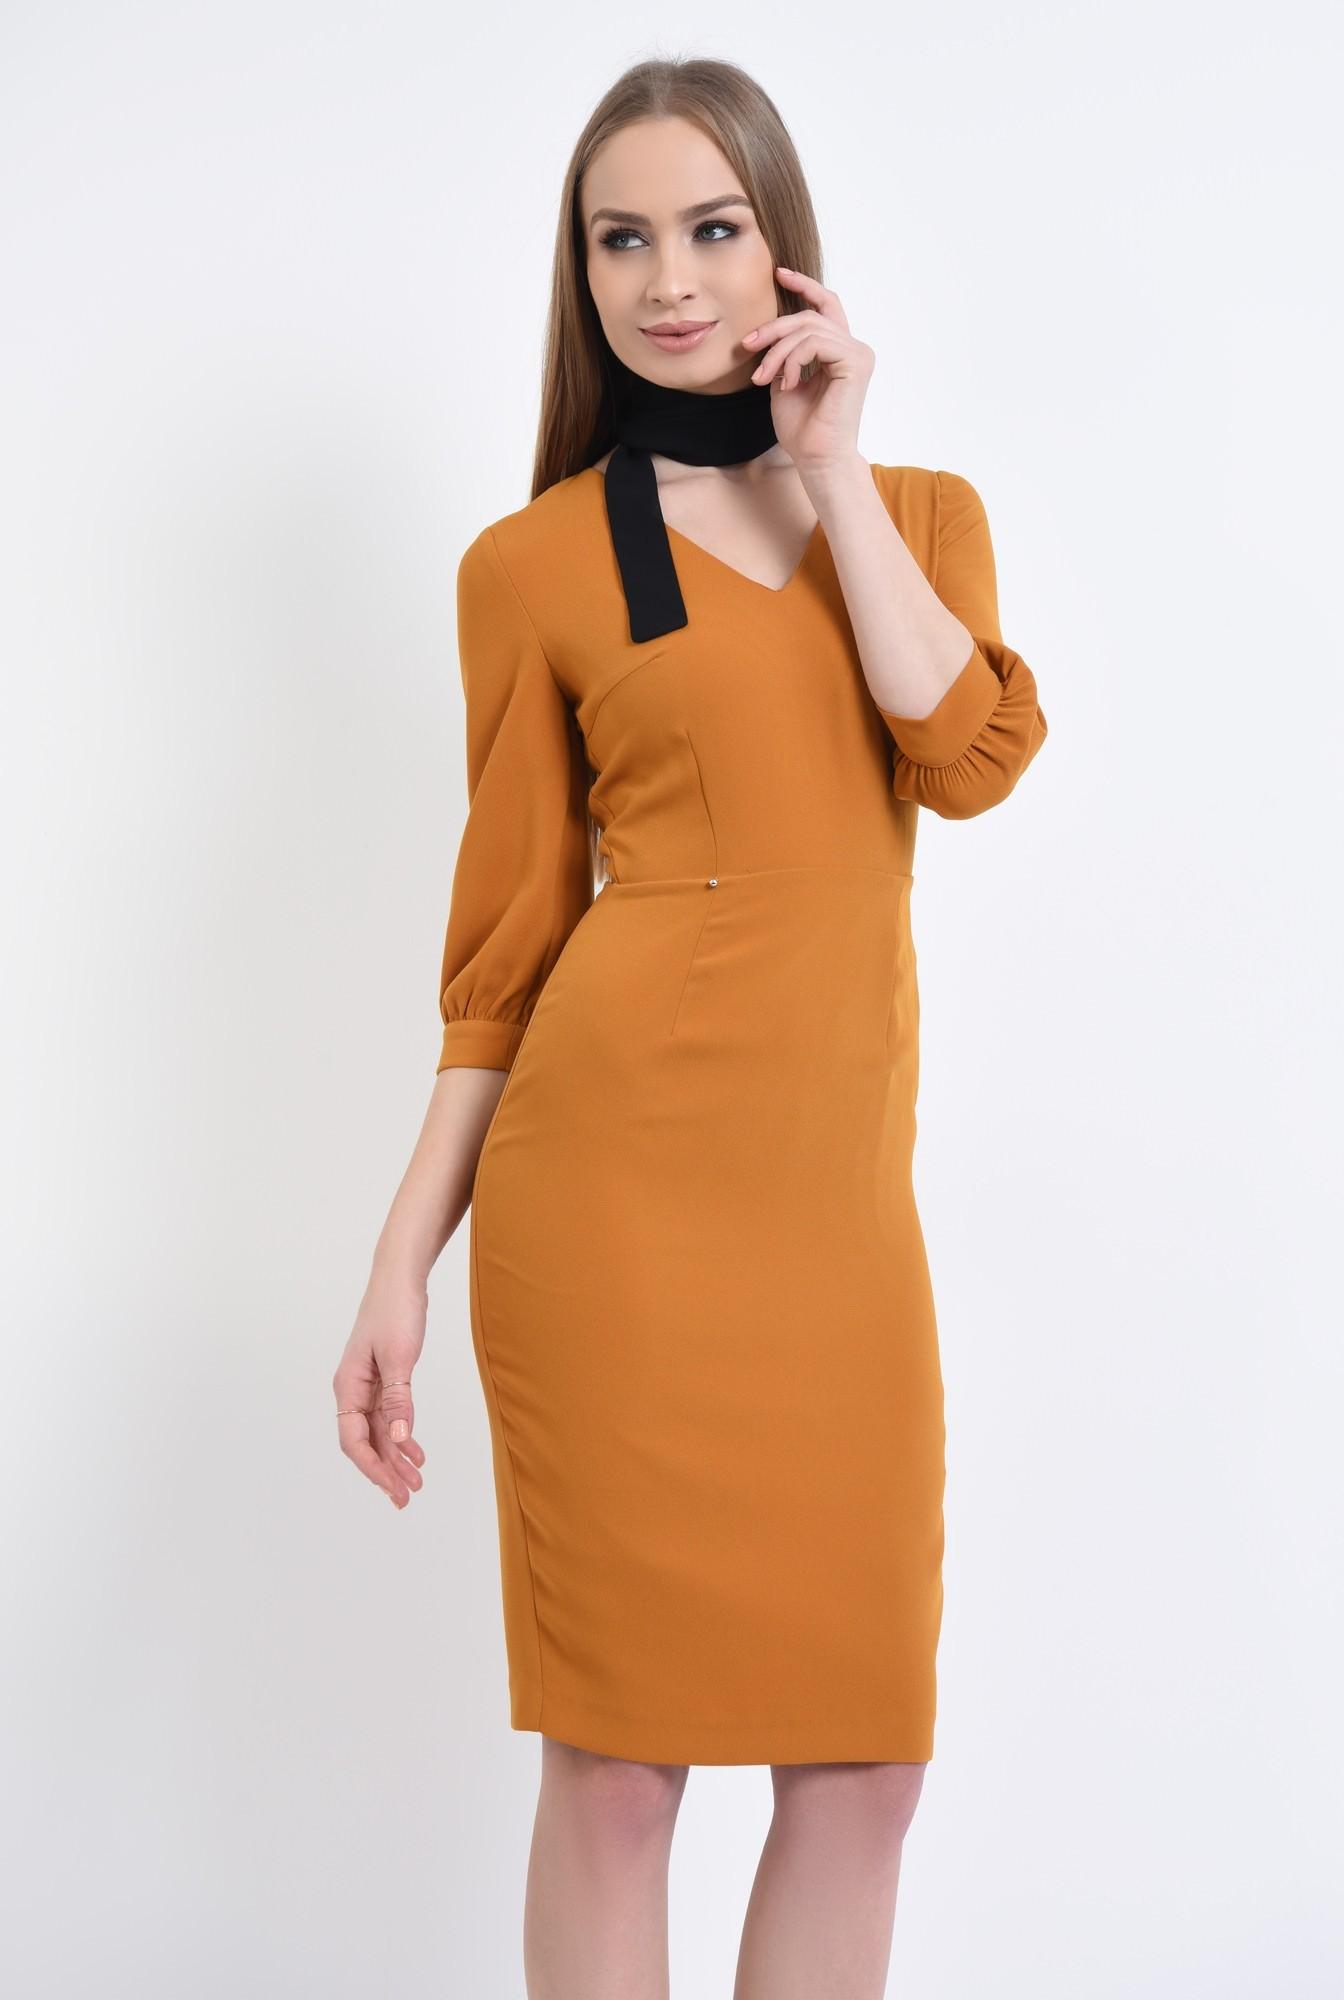 0 - 360 - Rochie casual mustar, fermoar, rochii de dama online